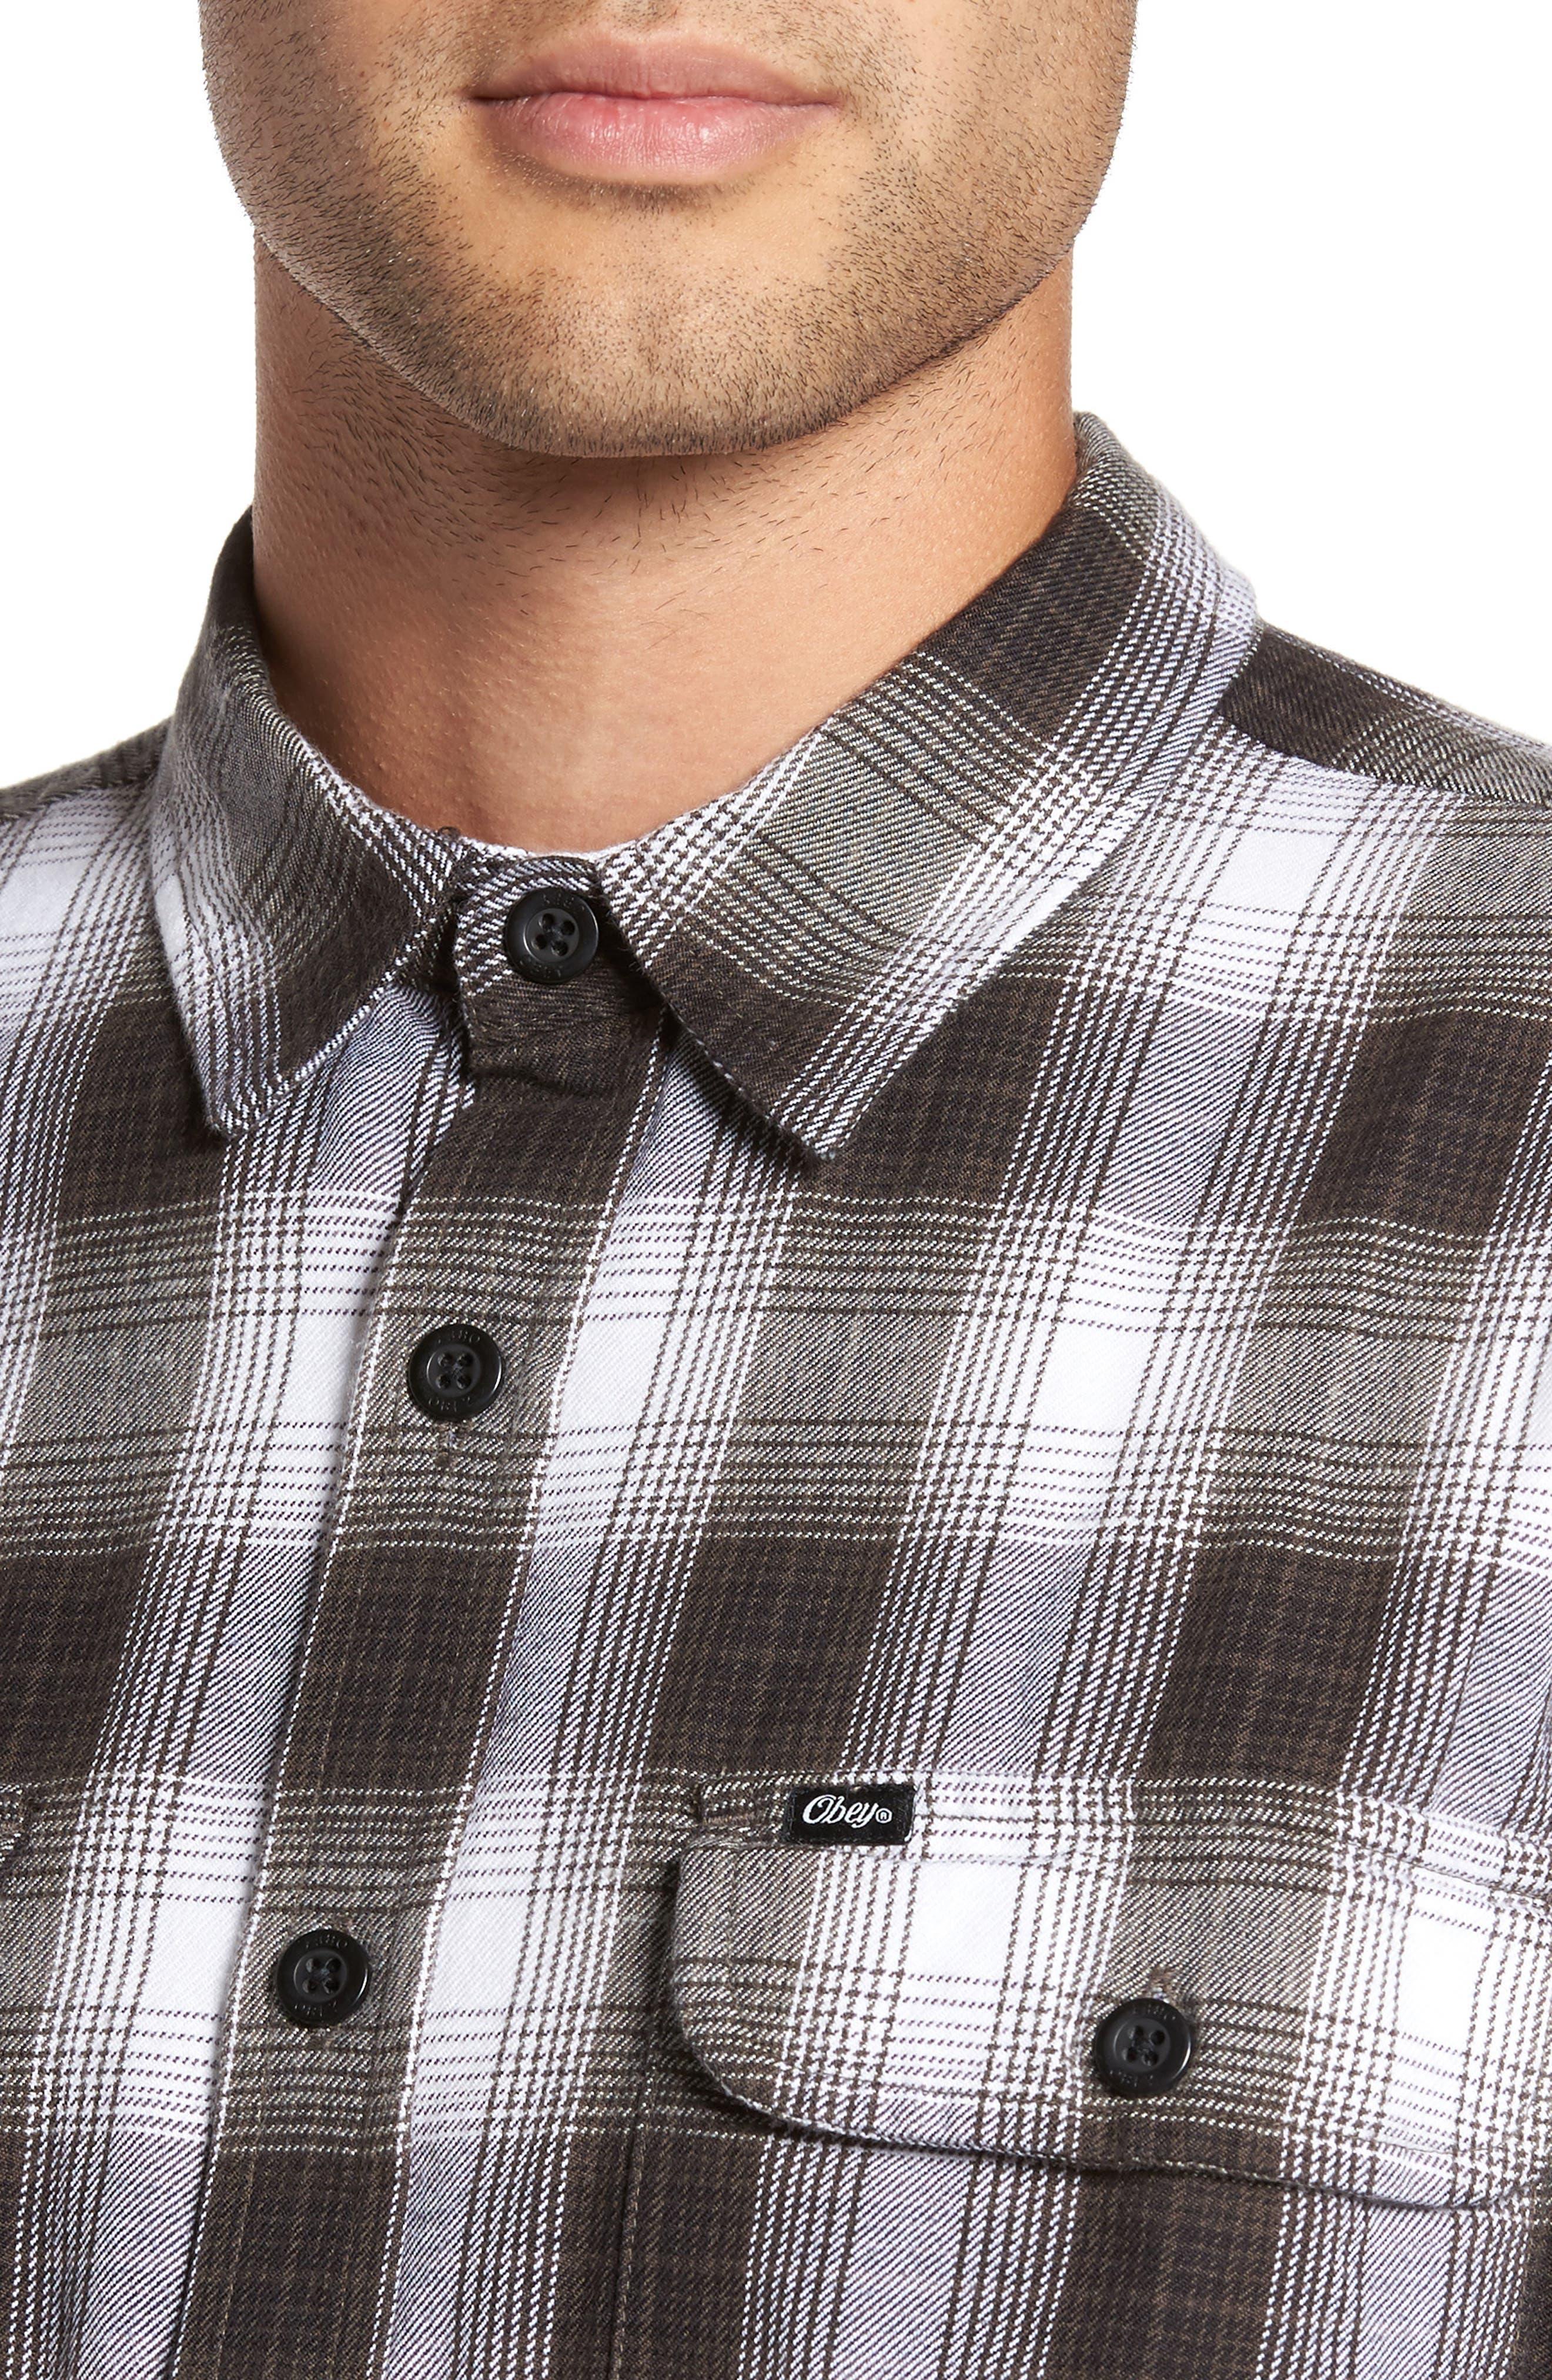 Kemper Plaid Woven Shirt,                             Alternate thumbnail 4, color,                             002